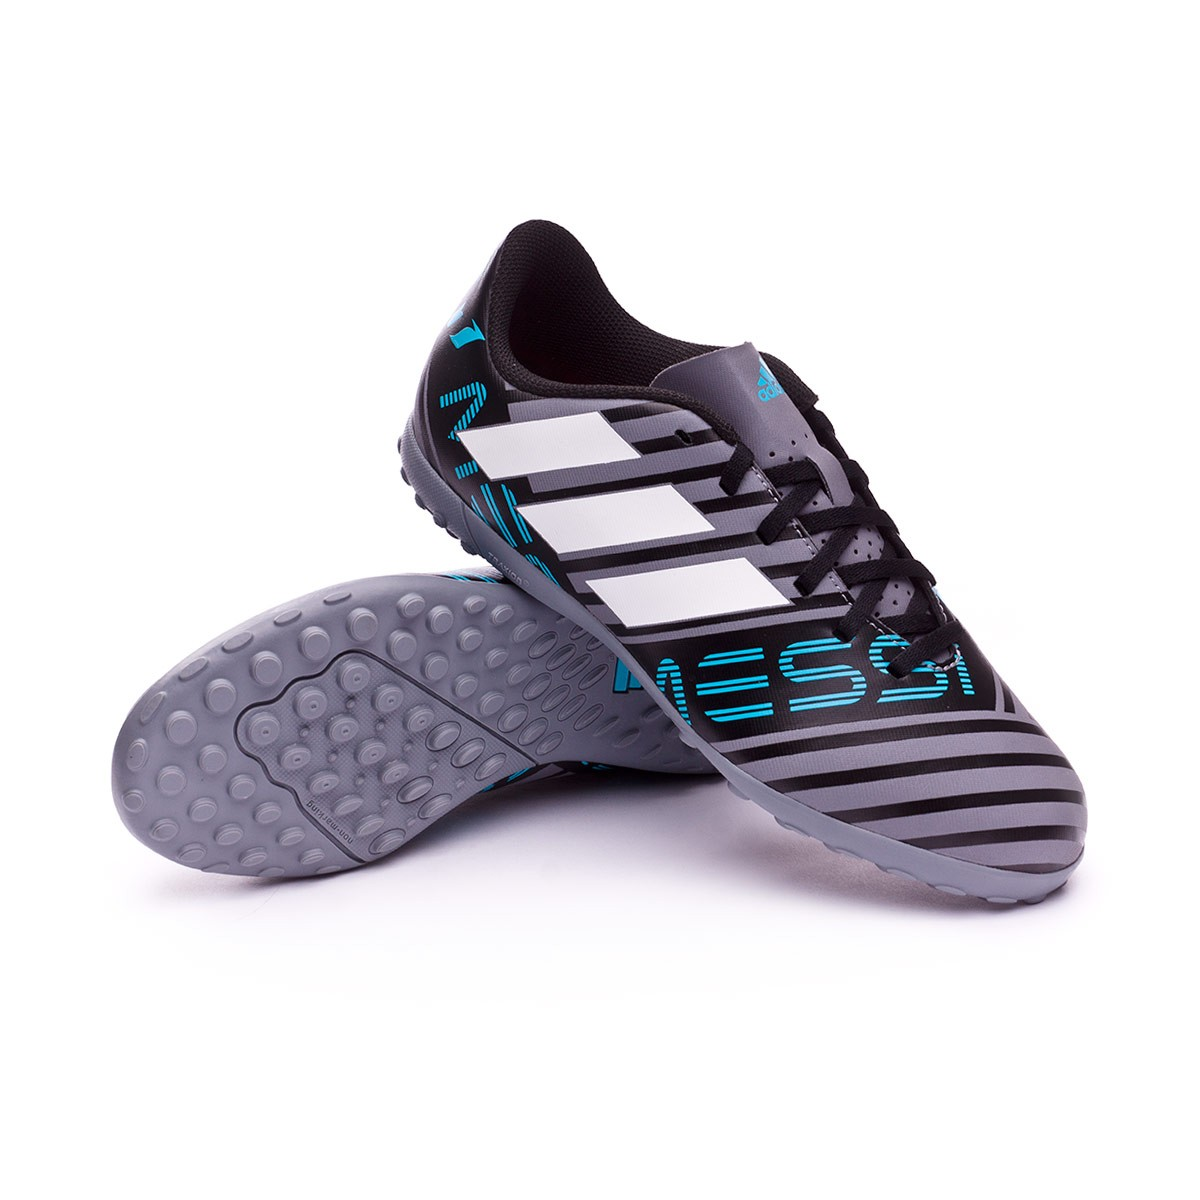 12bfa0dc97d Football Boot adidas Kids Nemeziz Messi Tango 17.4 Turf Grey-White ...